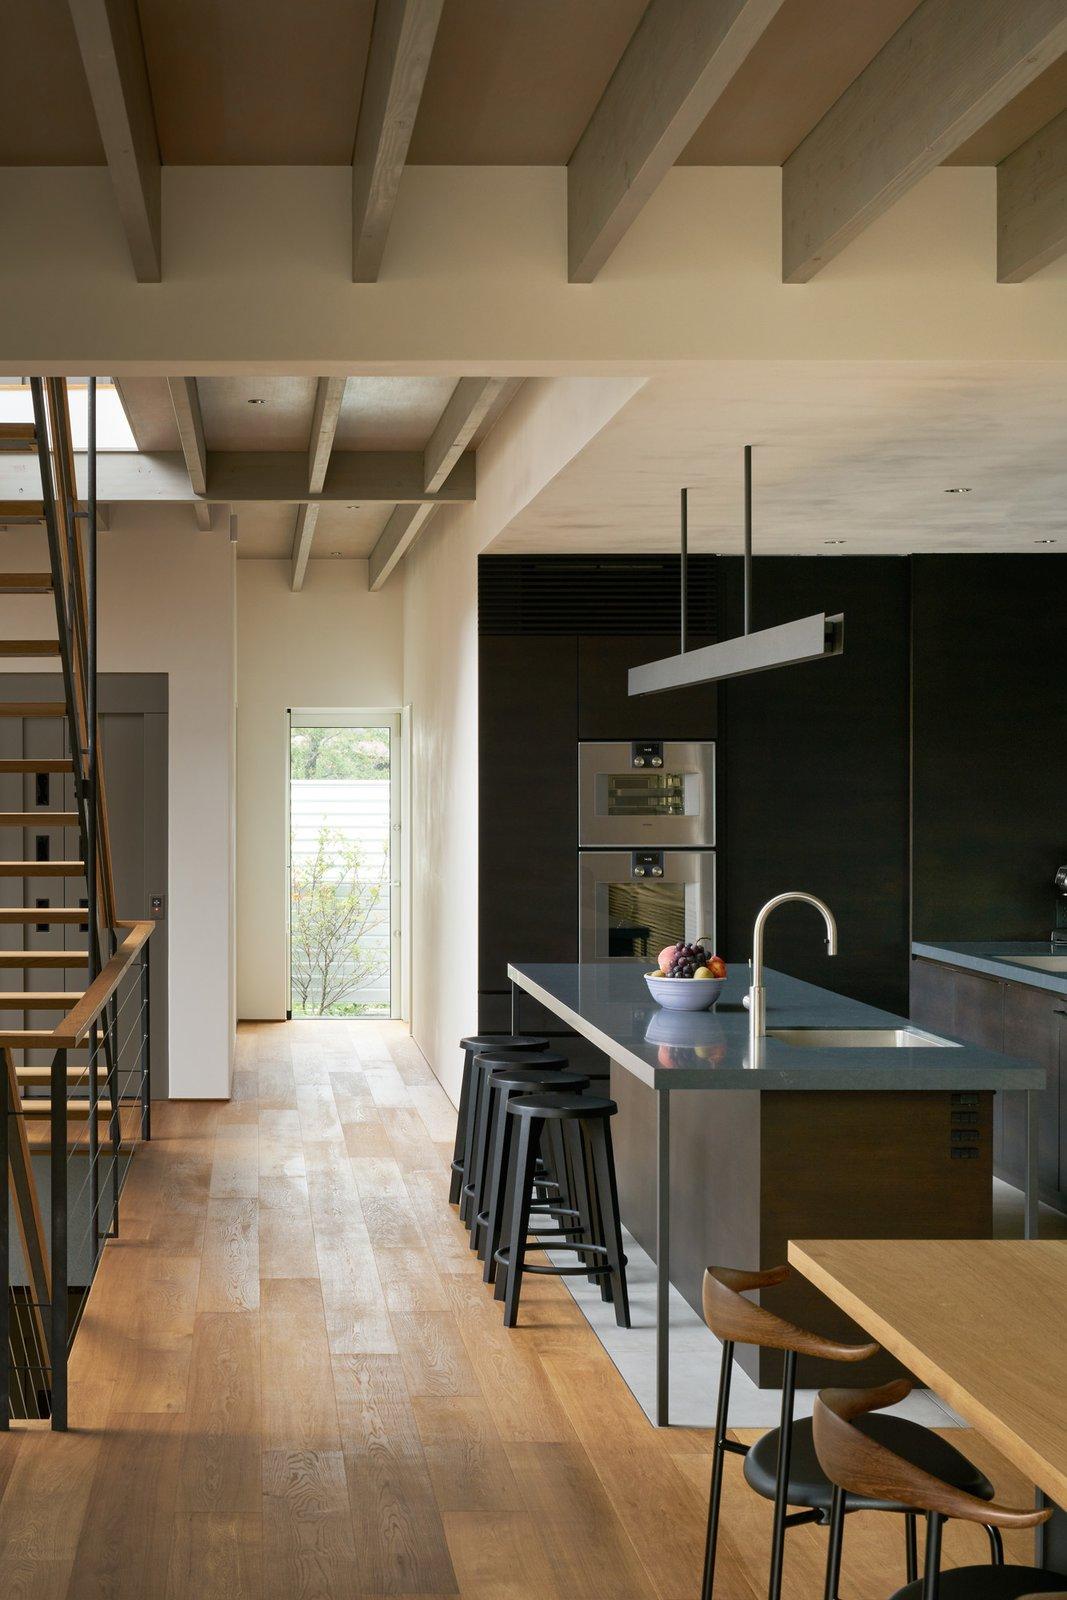 House in Yoga by Keiji Ashizawa Design kitchen